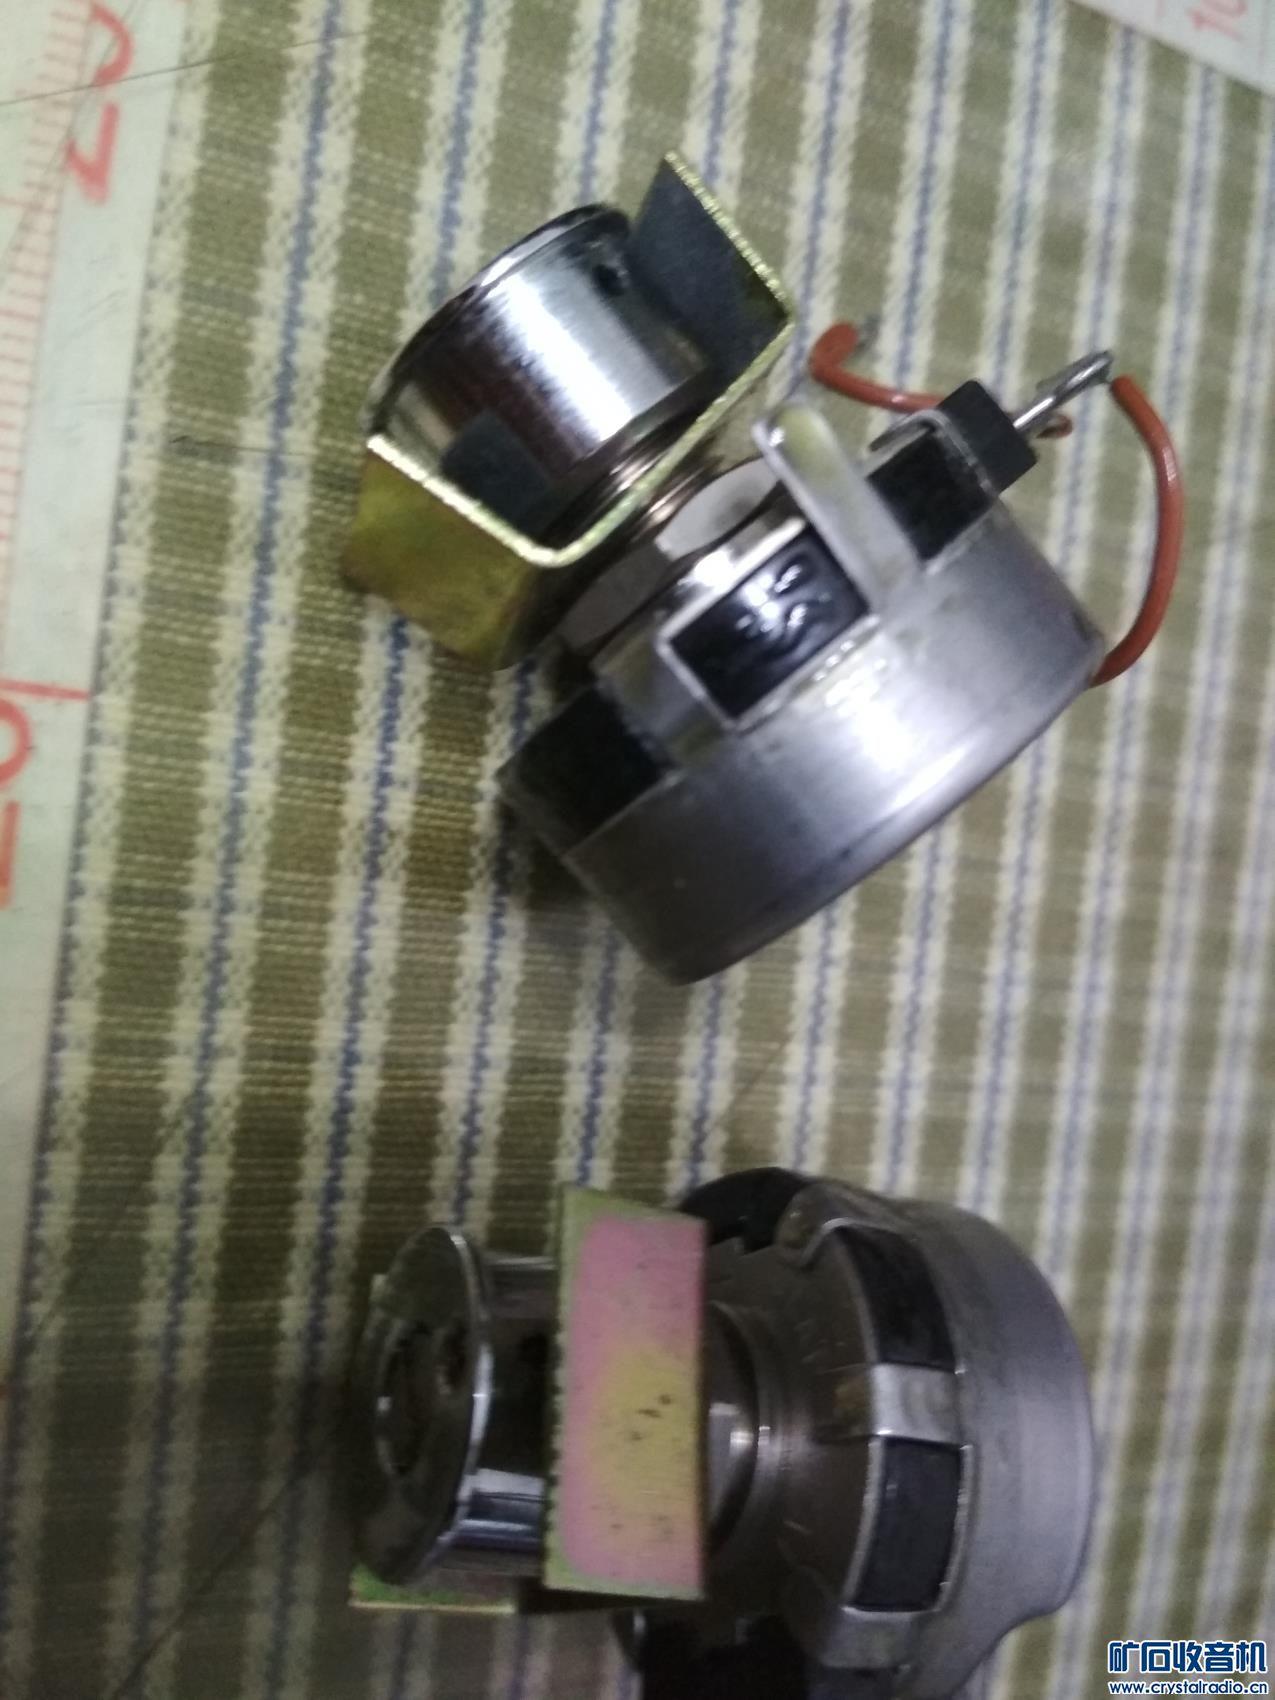 3865号进口设备特别耐用2个一起20元 (2).jpg